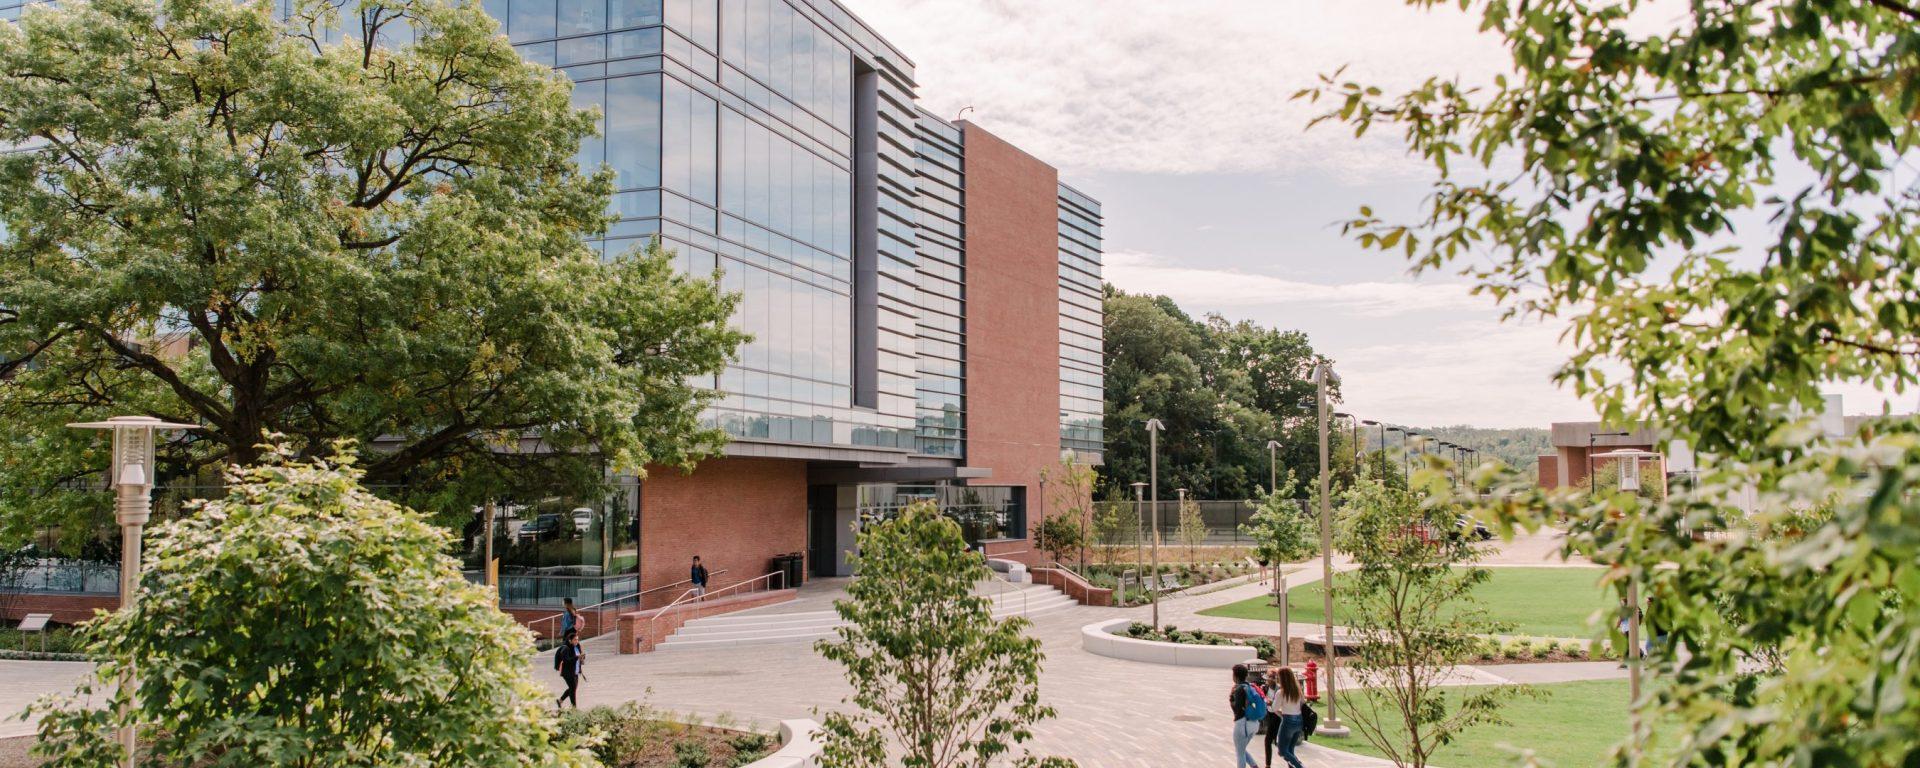 Campus shot of exterior of ILSB